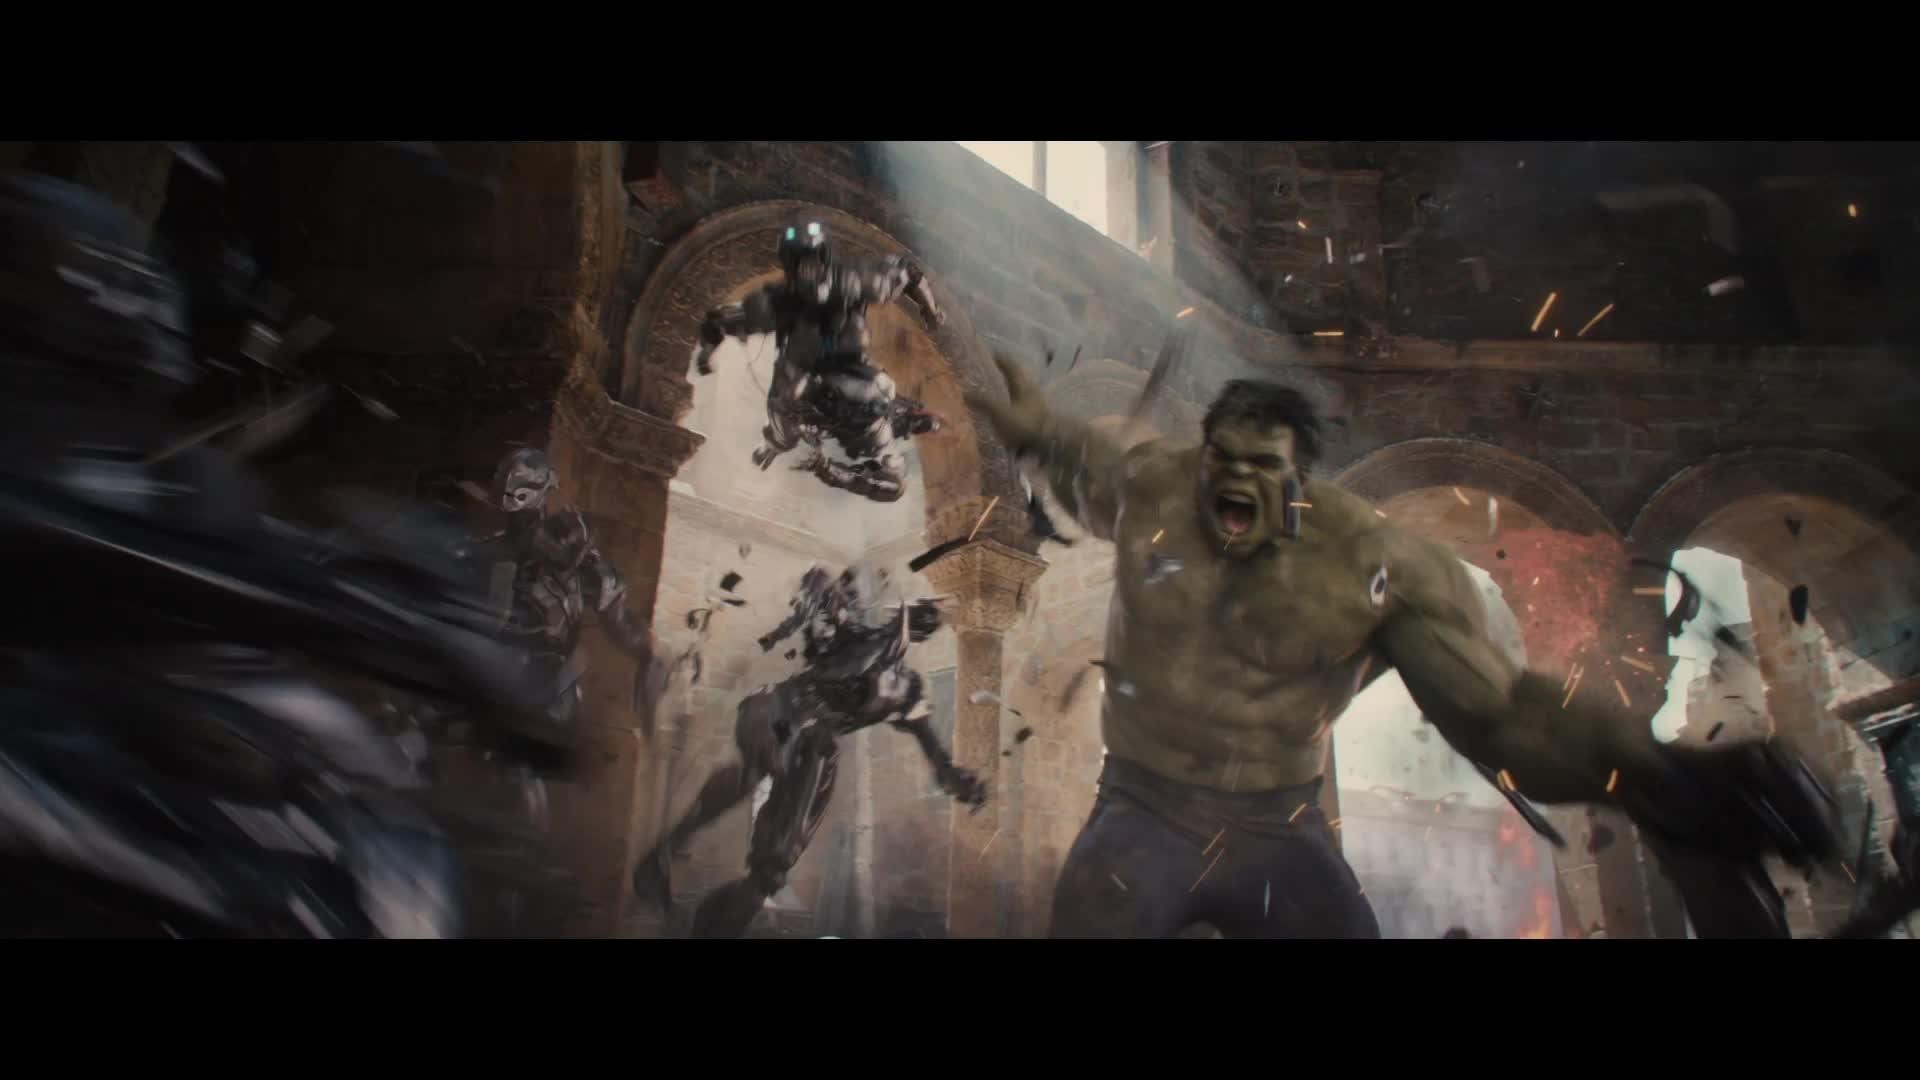 Trailer Vengadores La era de Ultrón - ya en dvd y plataformas digitales